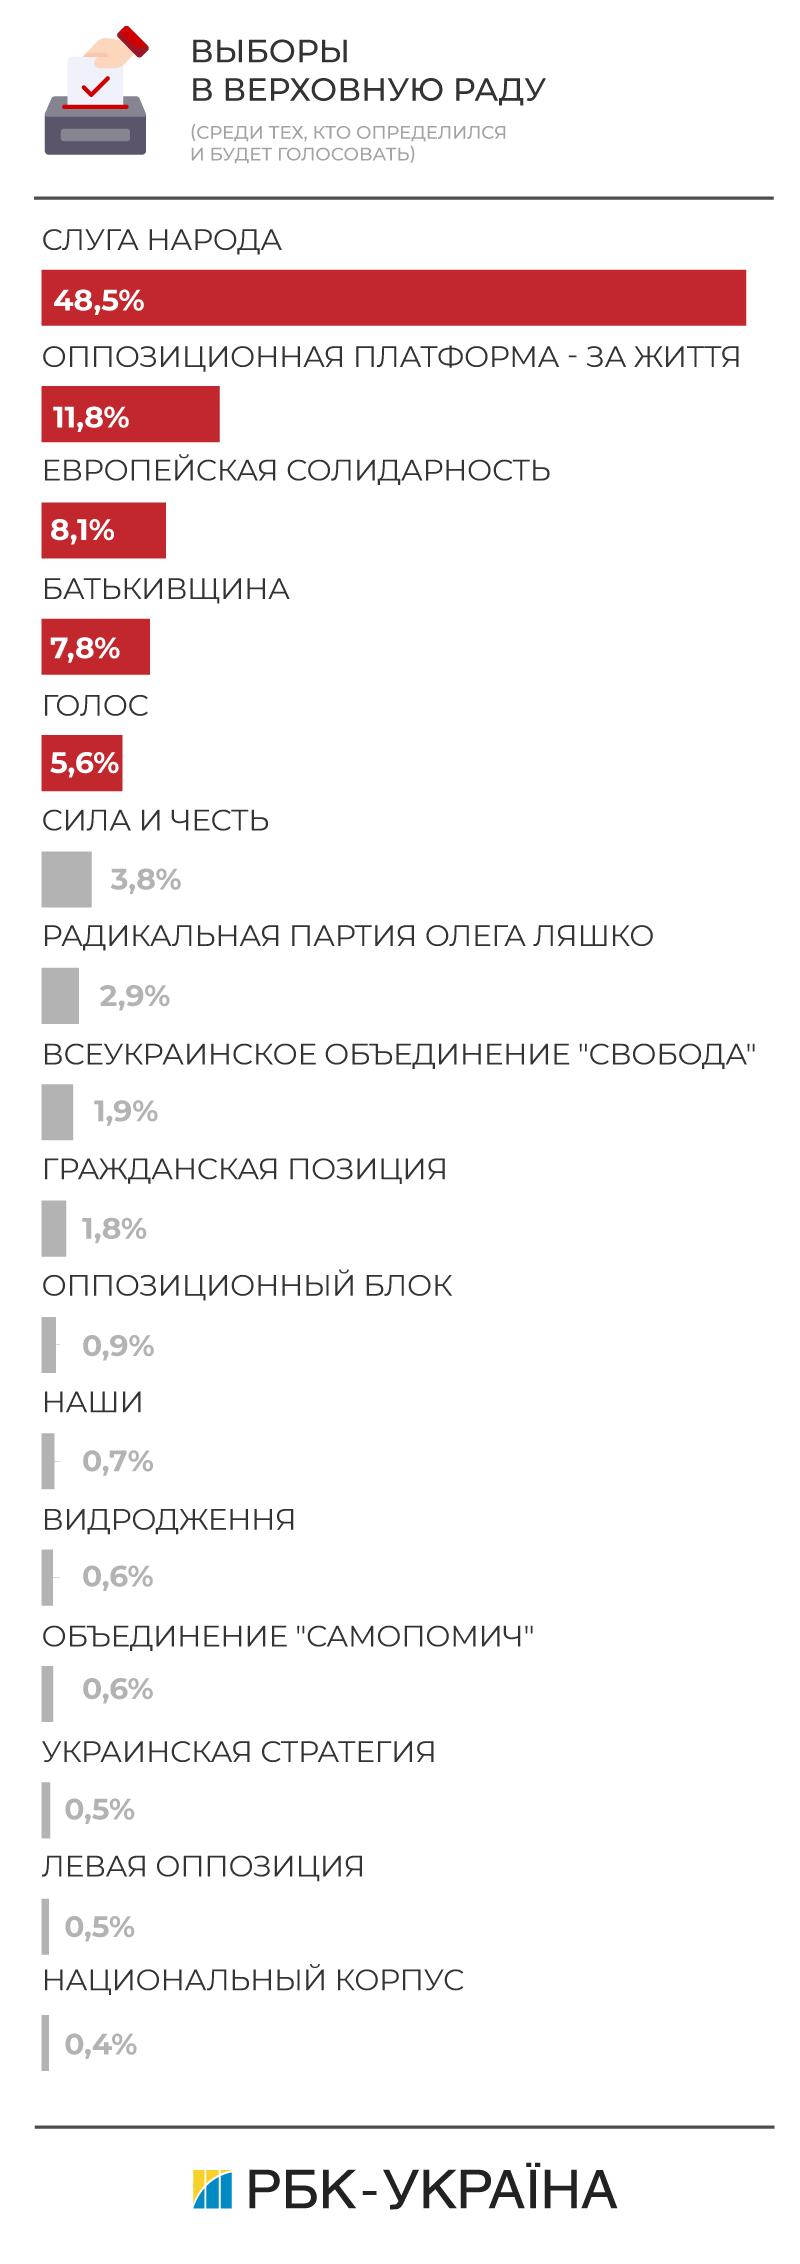 Выборы в Верховную раду: что нужно знать о парламентских выборах в Украине